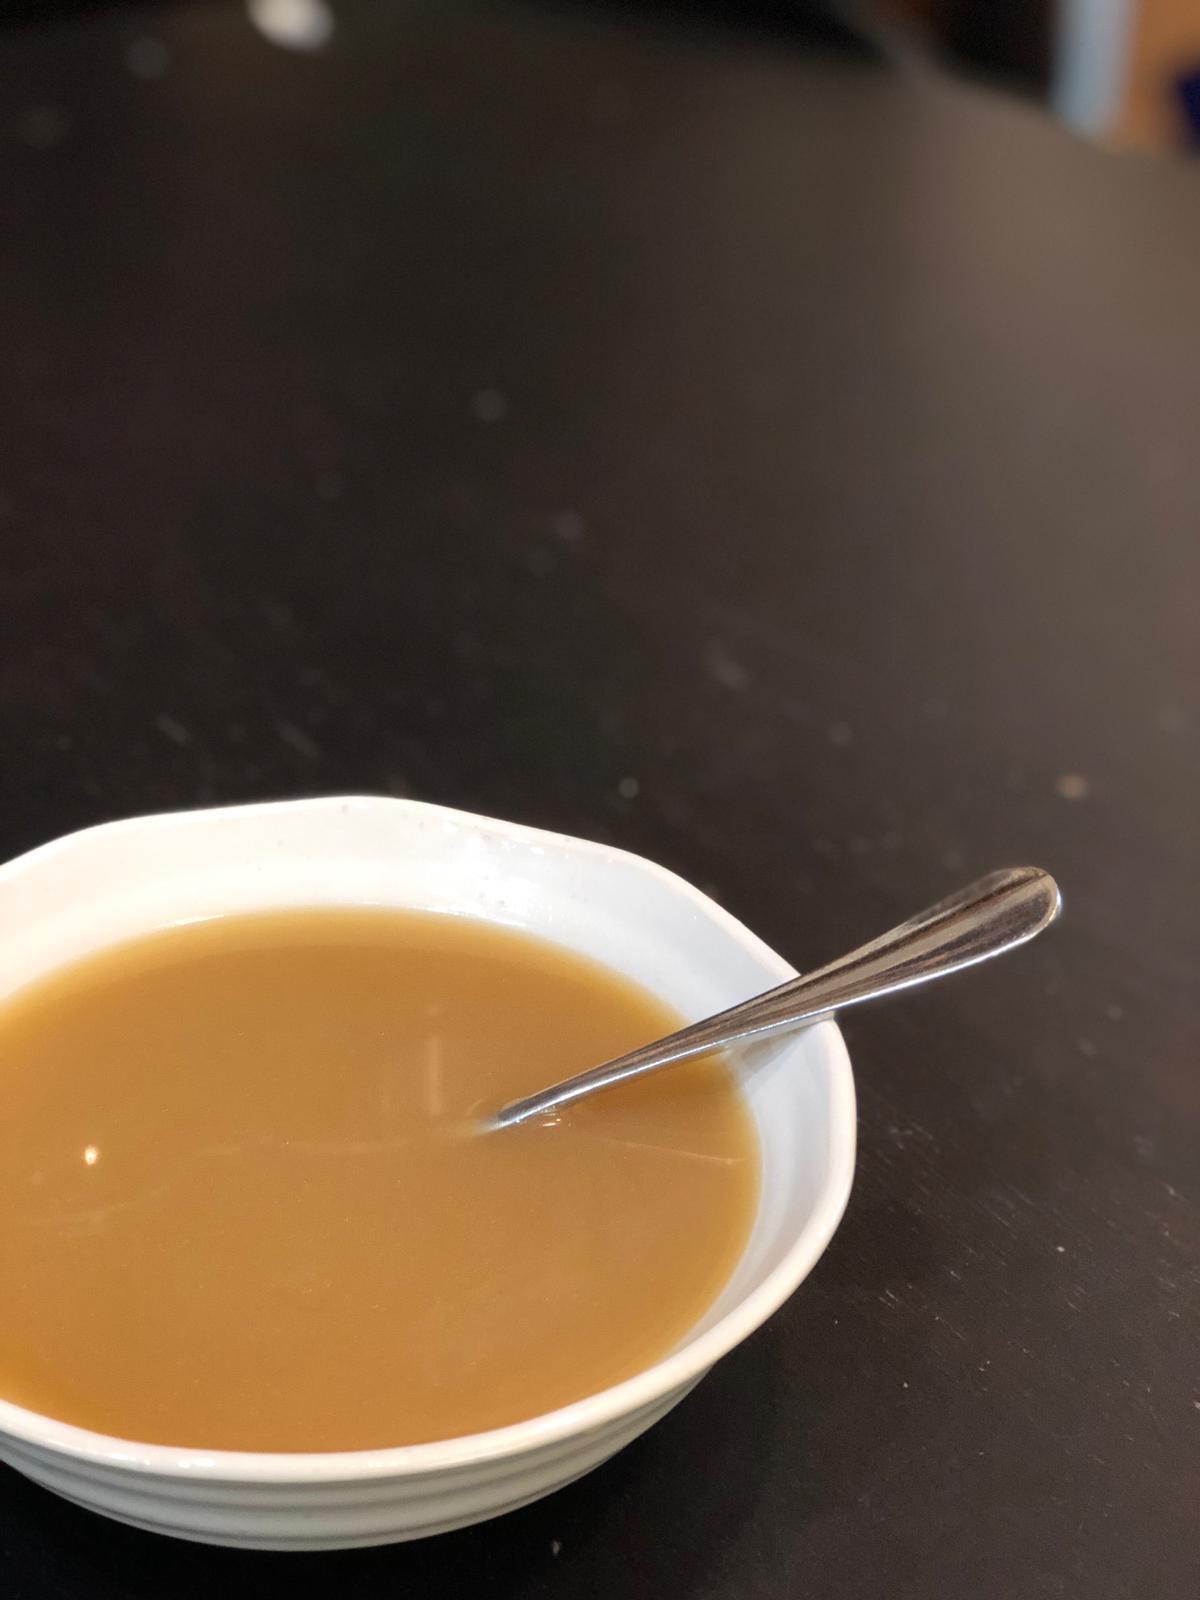 這夜,我從一碗渣都隔埋嘅湯中尋覓快樂